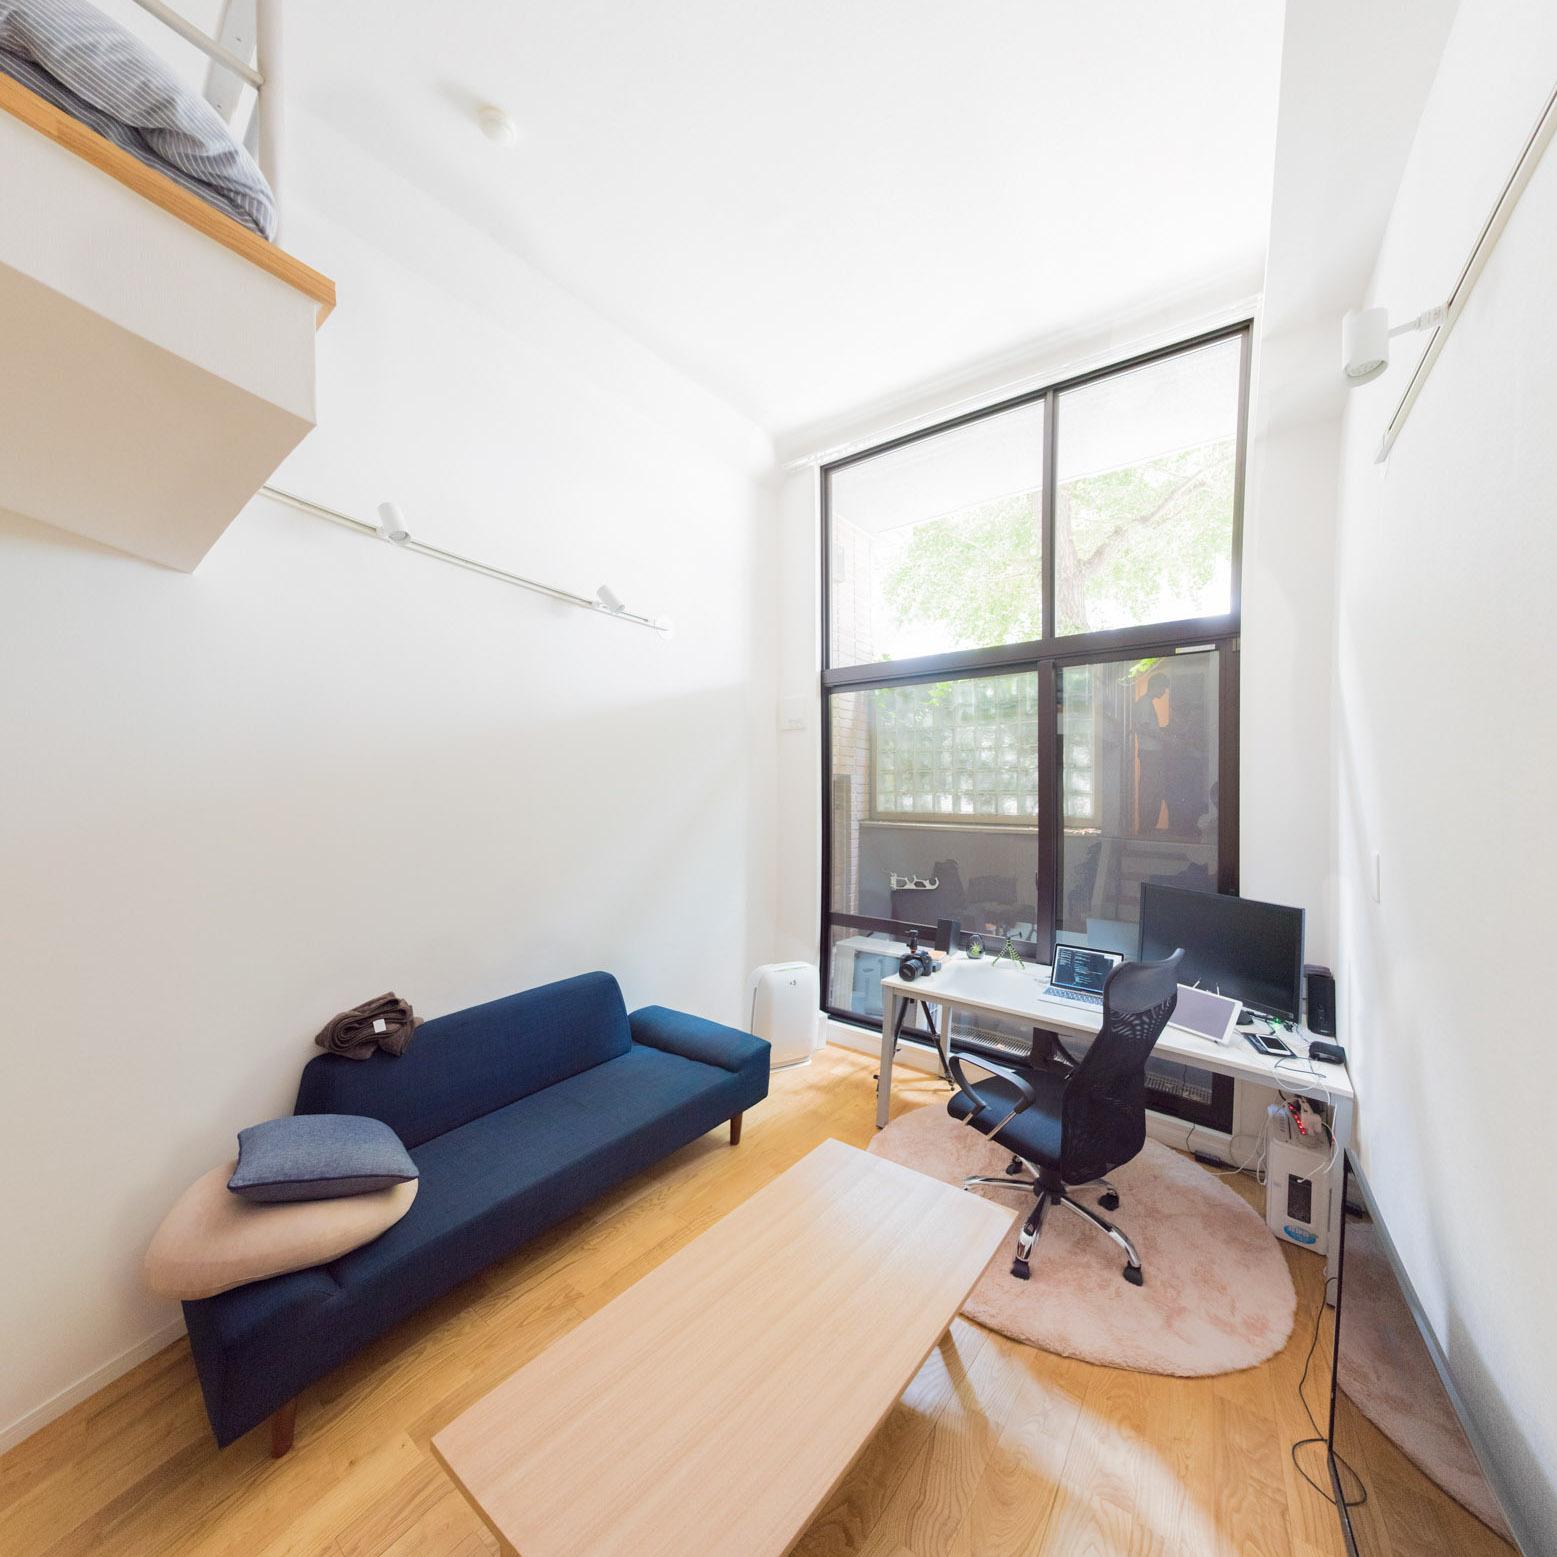 東京、ワンルームで持たない暮らし。男性webエンジニアの部屋 | folk